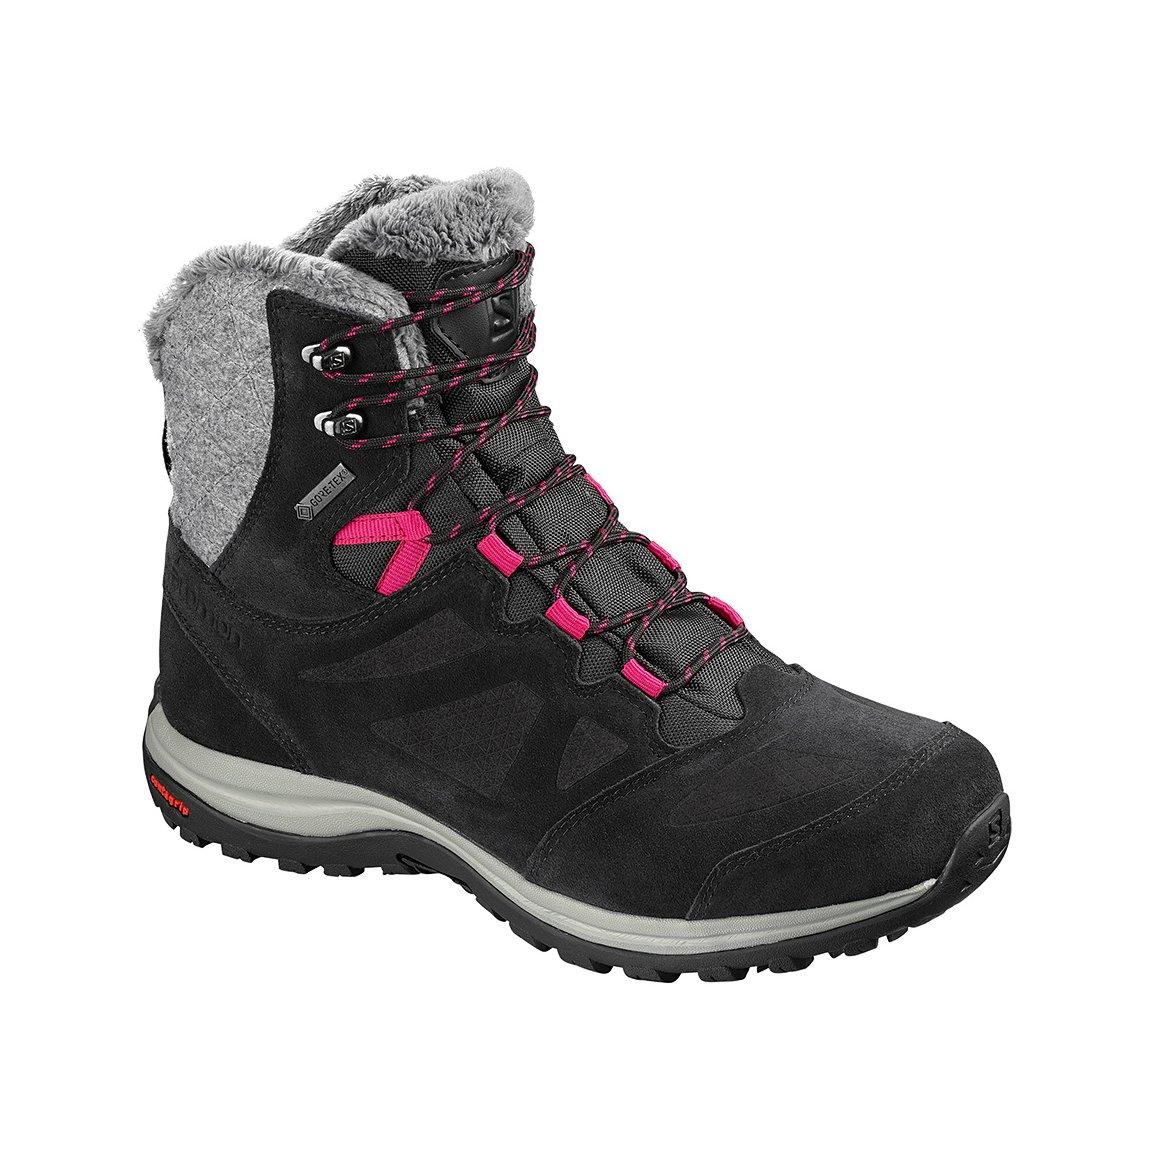 eba4ec00b5f Zimní boty Salomon Kaina Mid GTX W L40473500 - Actisport.cz